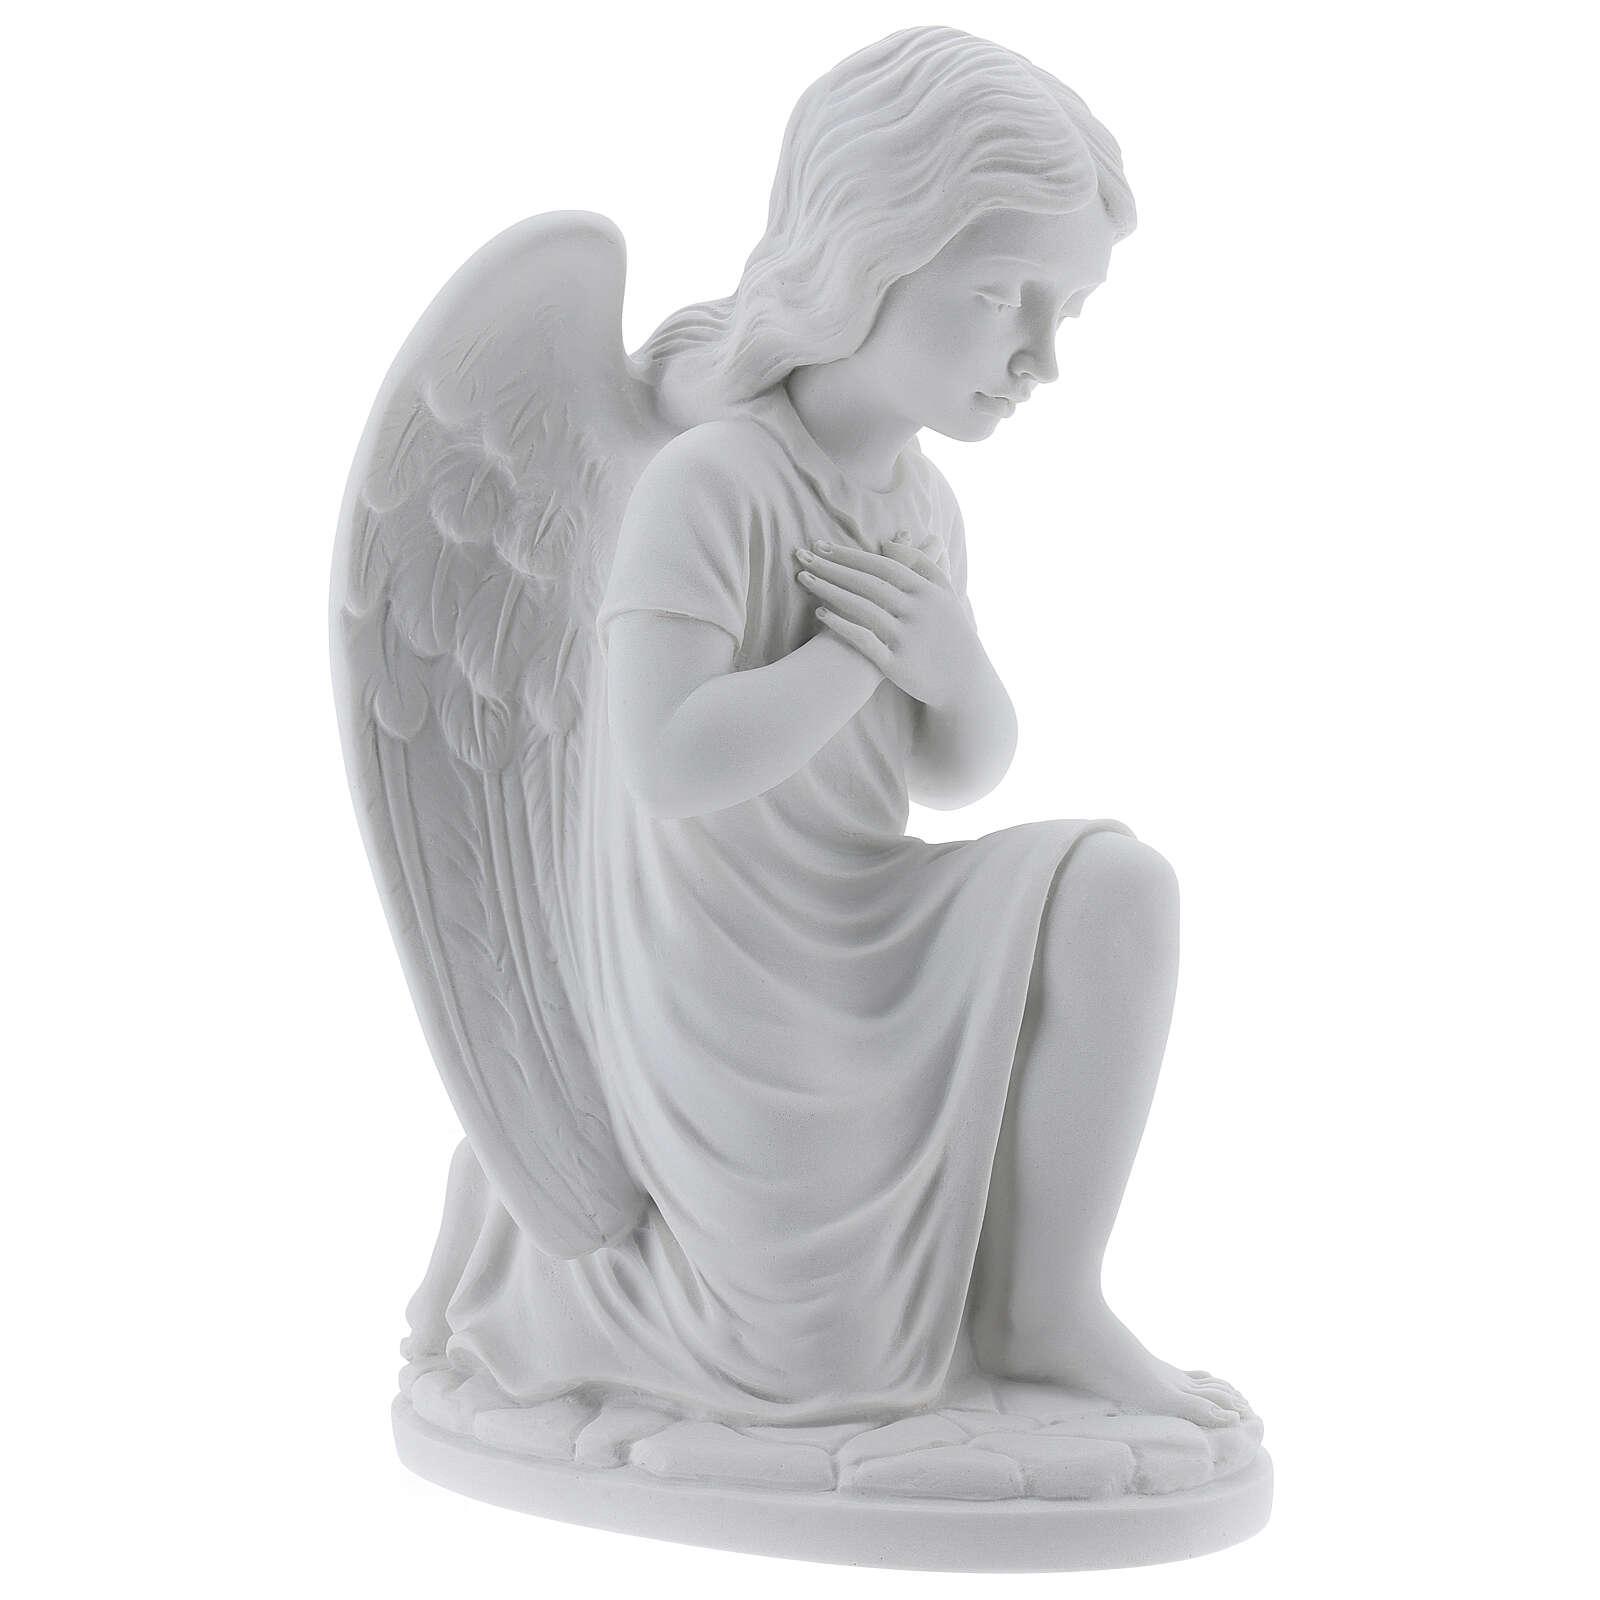 Angelito izquierda manos cruzadas mámol blanco 34 cm 4